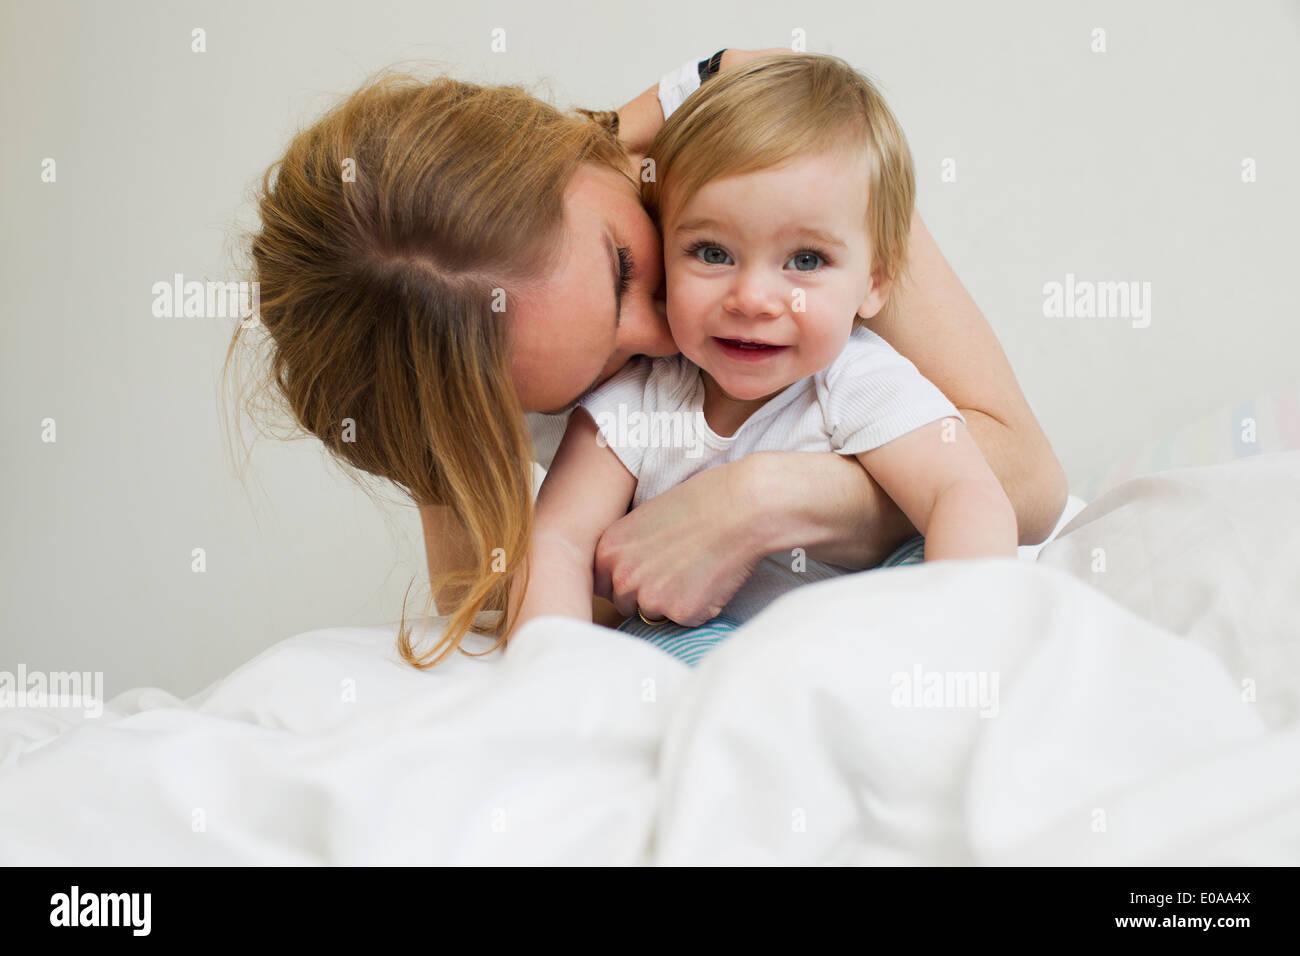 Porträt von Mitte Erwachsene Frau umarmt ihr Jahr alten Babymädchen Stockfoto